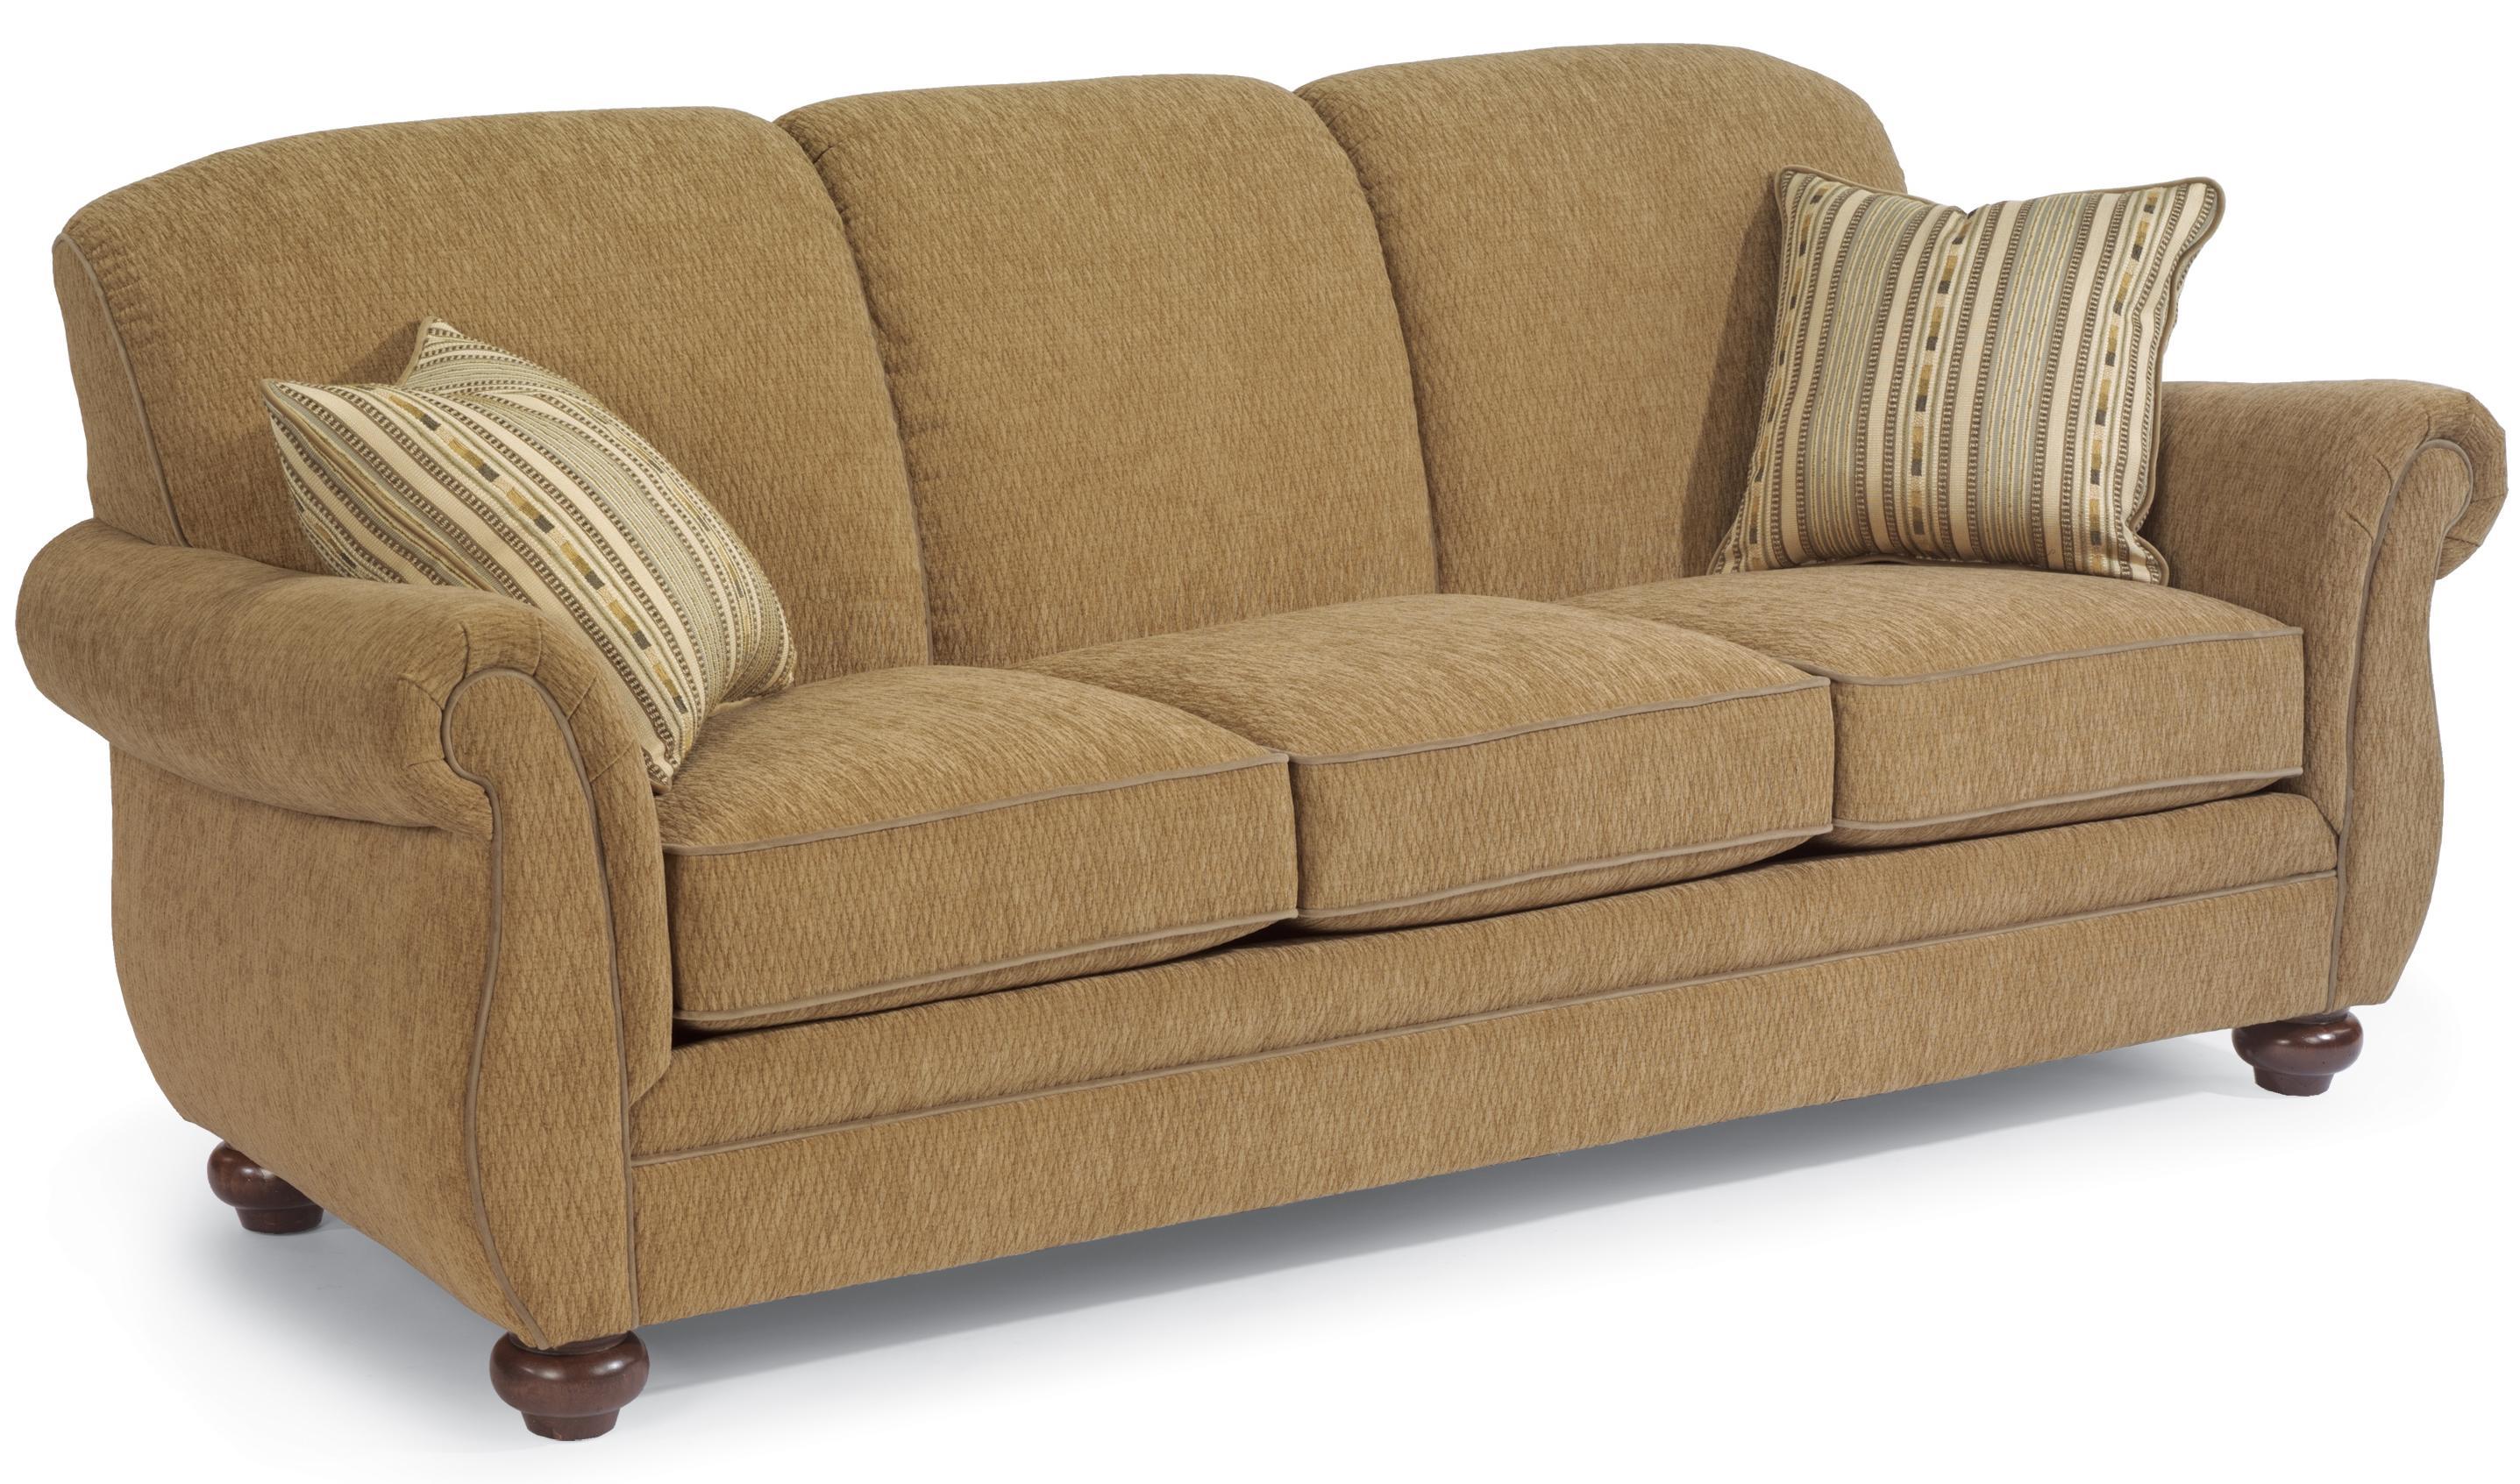 Flexsteel WinstonStationary Sofa; Flexsteel WinstonStationary Sofa